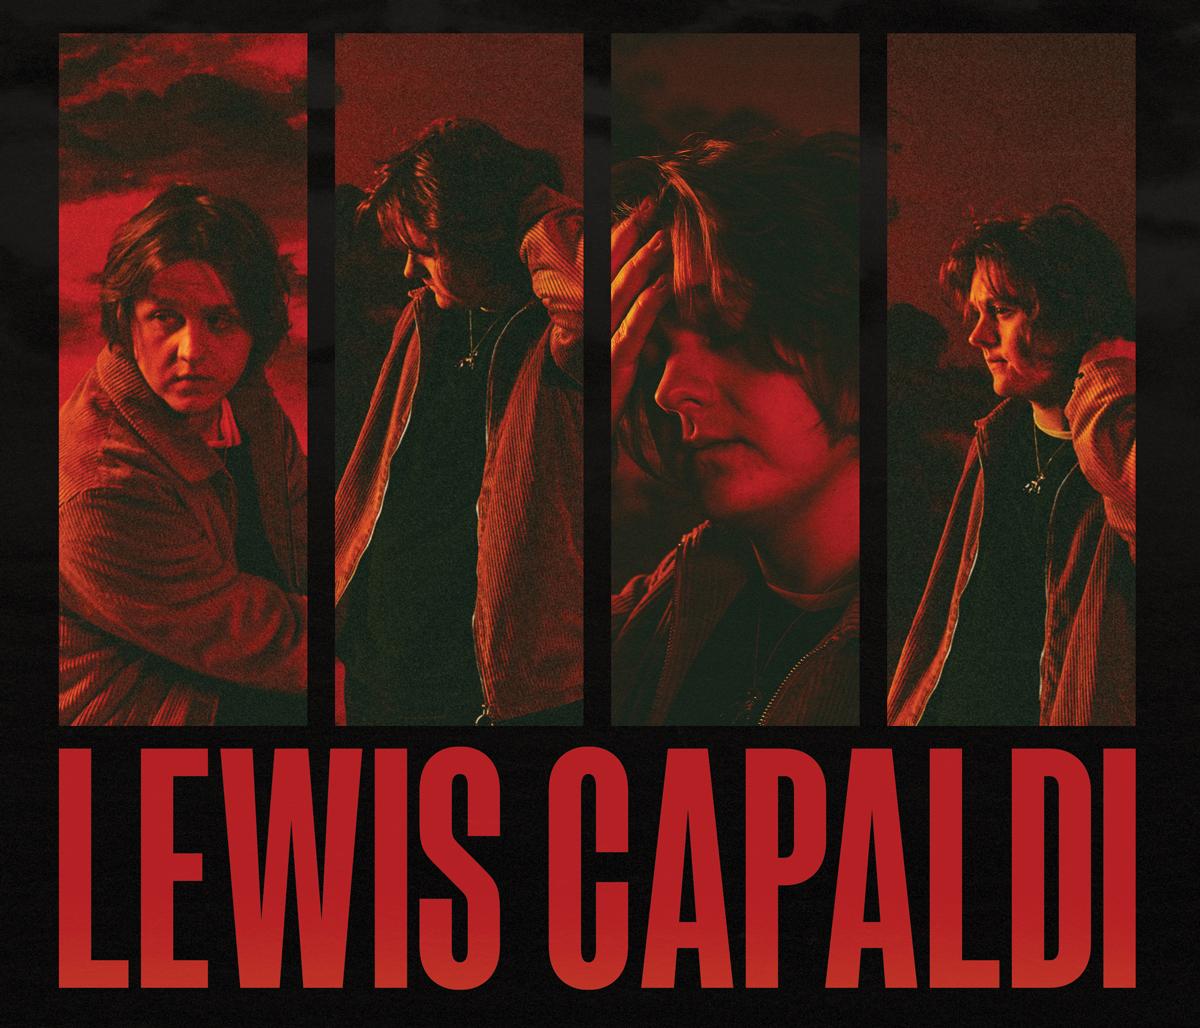 Lewis Capaldi